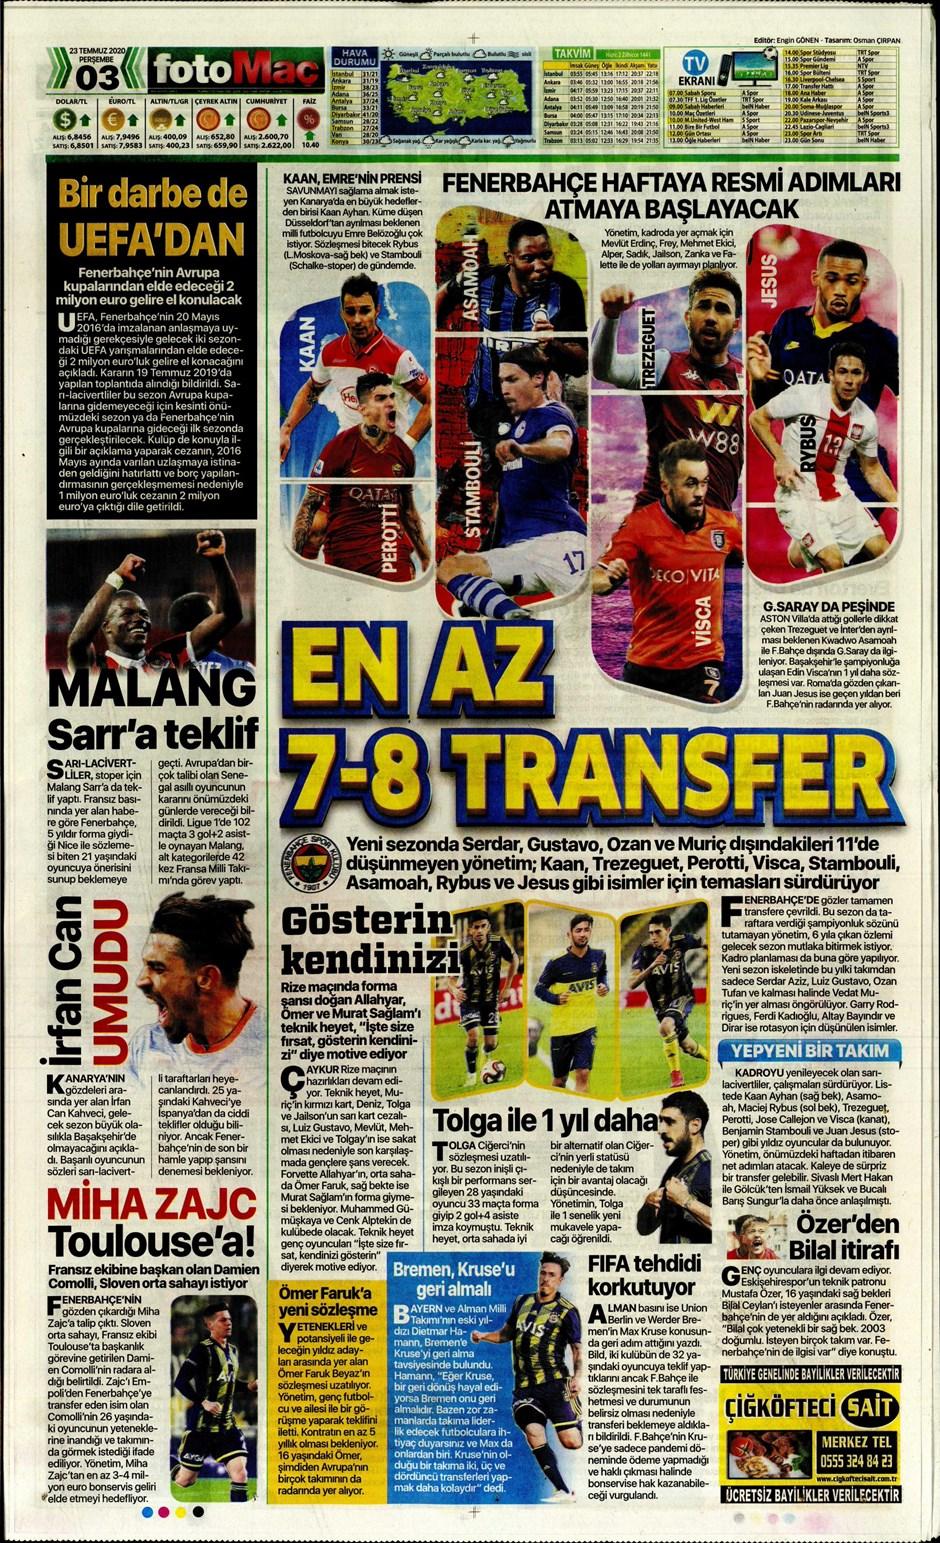 İşte 23 Temmuz günün spor manşetleri! Haftanın önemli spor gelişmeleri 4